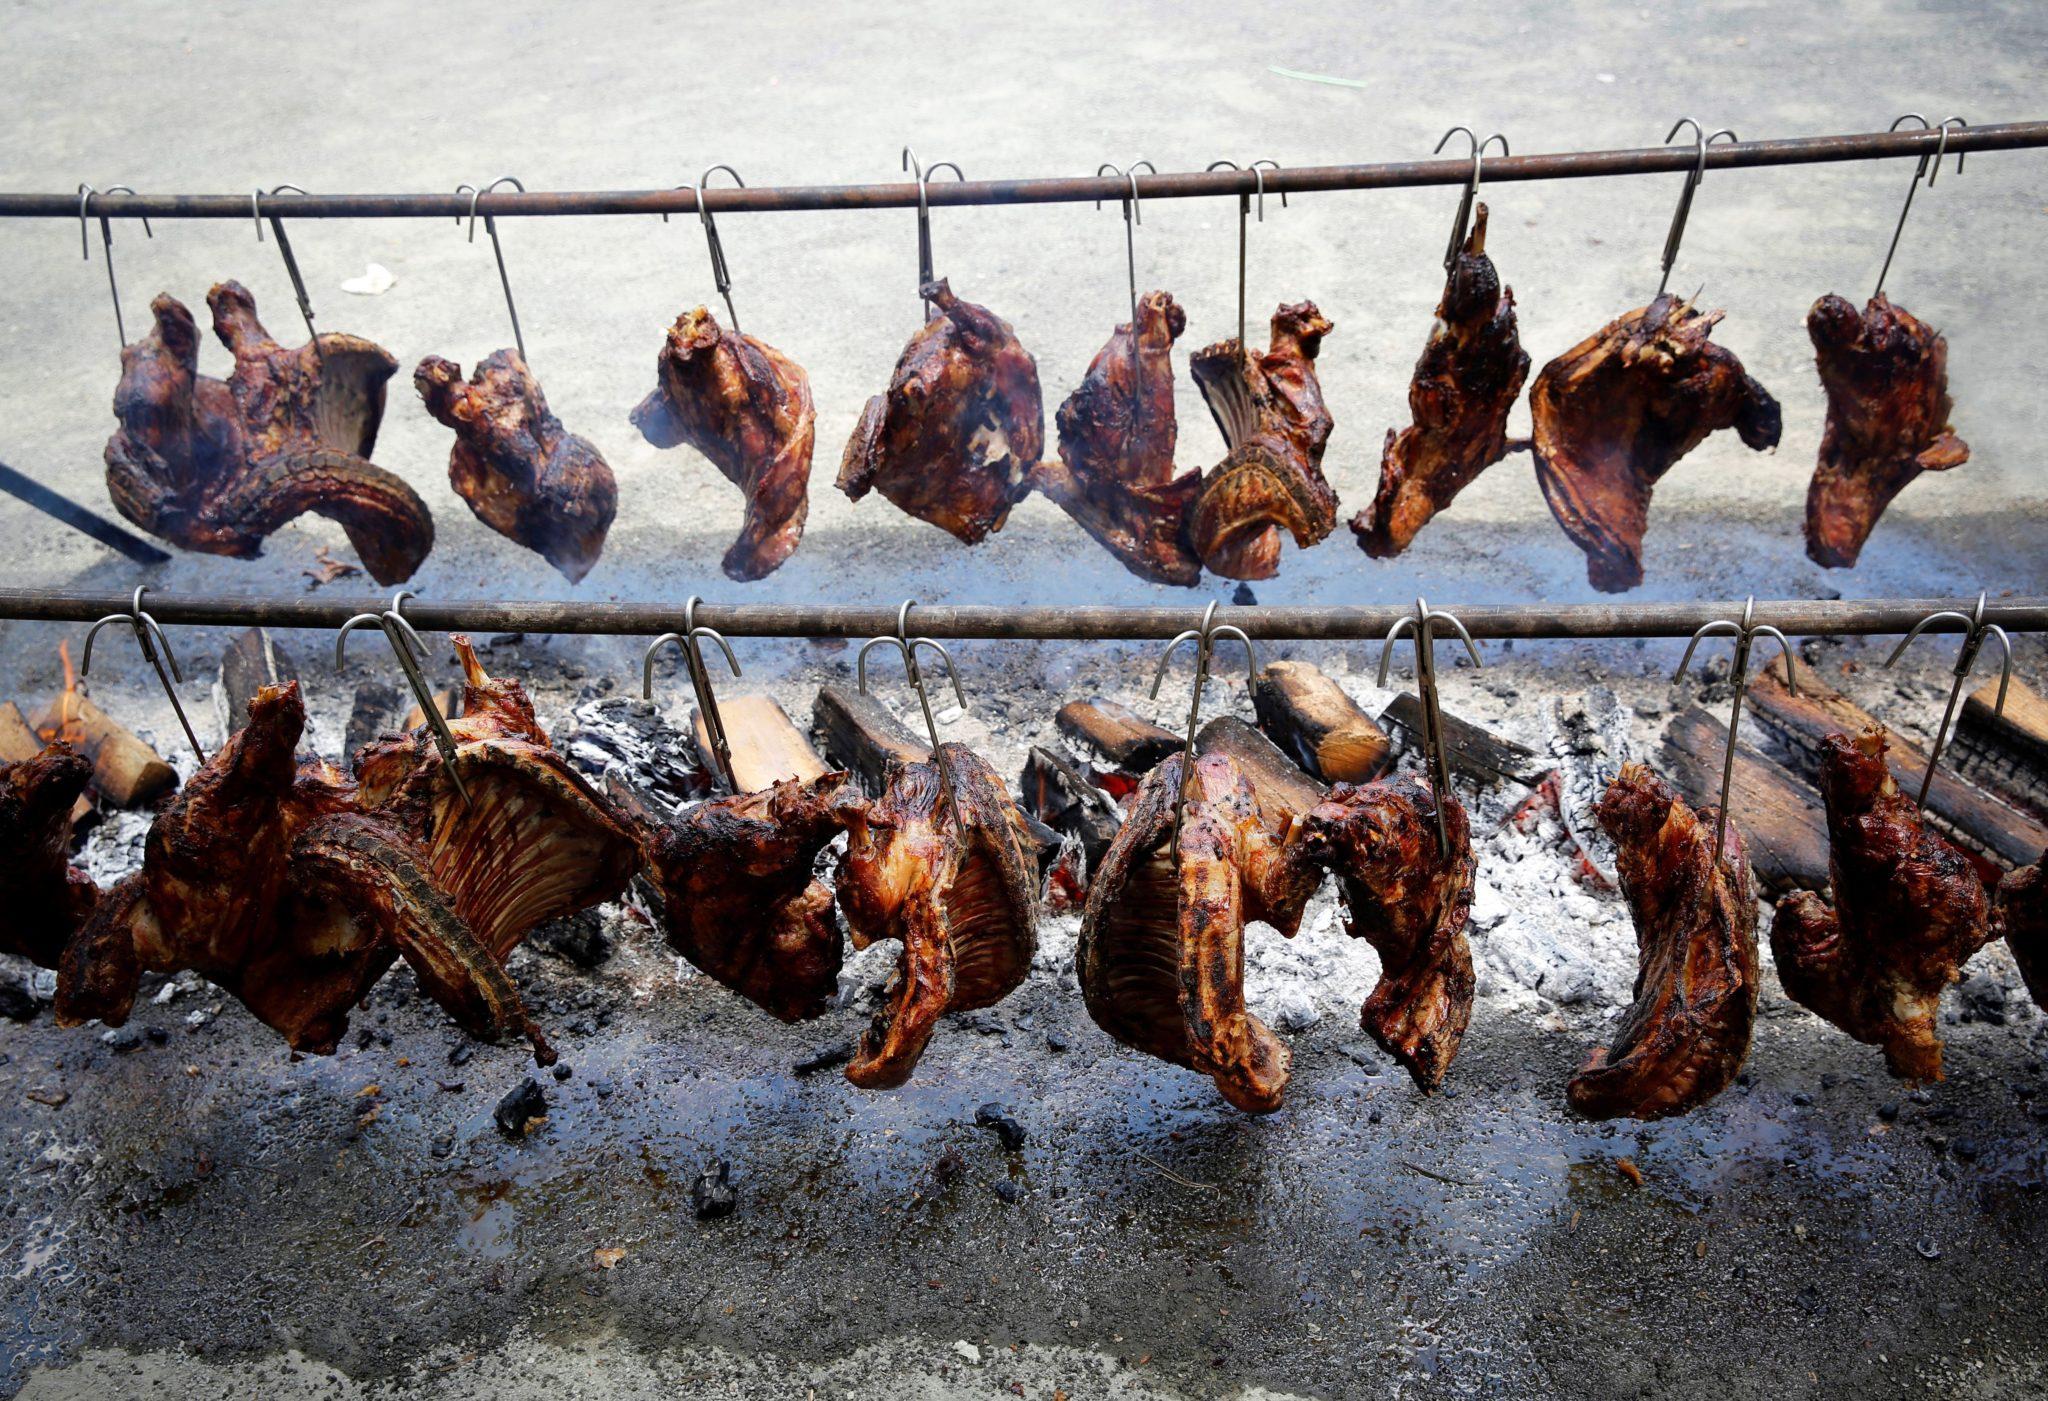 Hiszpania: mięso baranka na stojaku podczas trzeciego dnia Festiwalu San Fermin w Pampelunie, fot: Villar Lopez, PAP/EPA